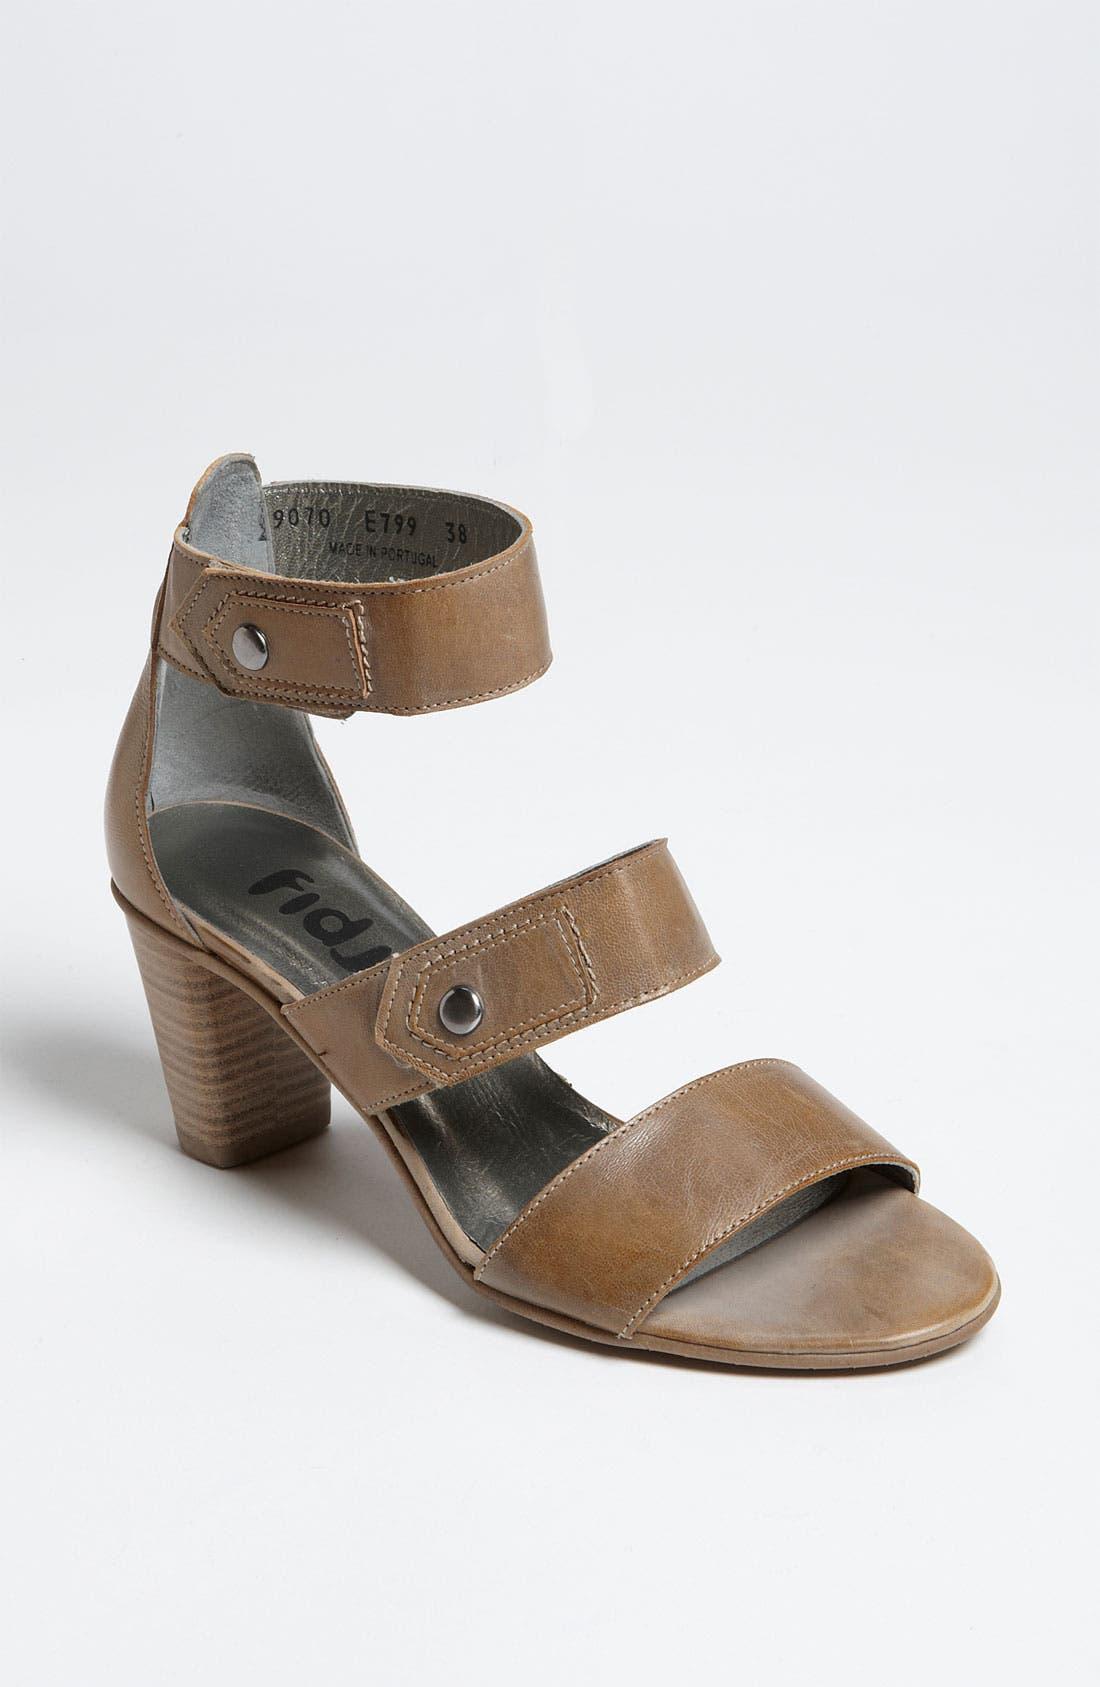 Main Image - Fidji 'E799' Sandal